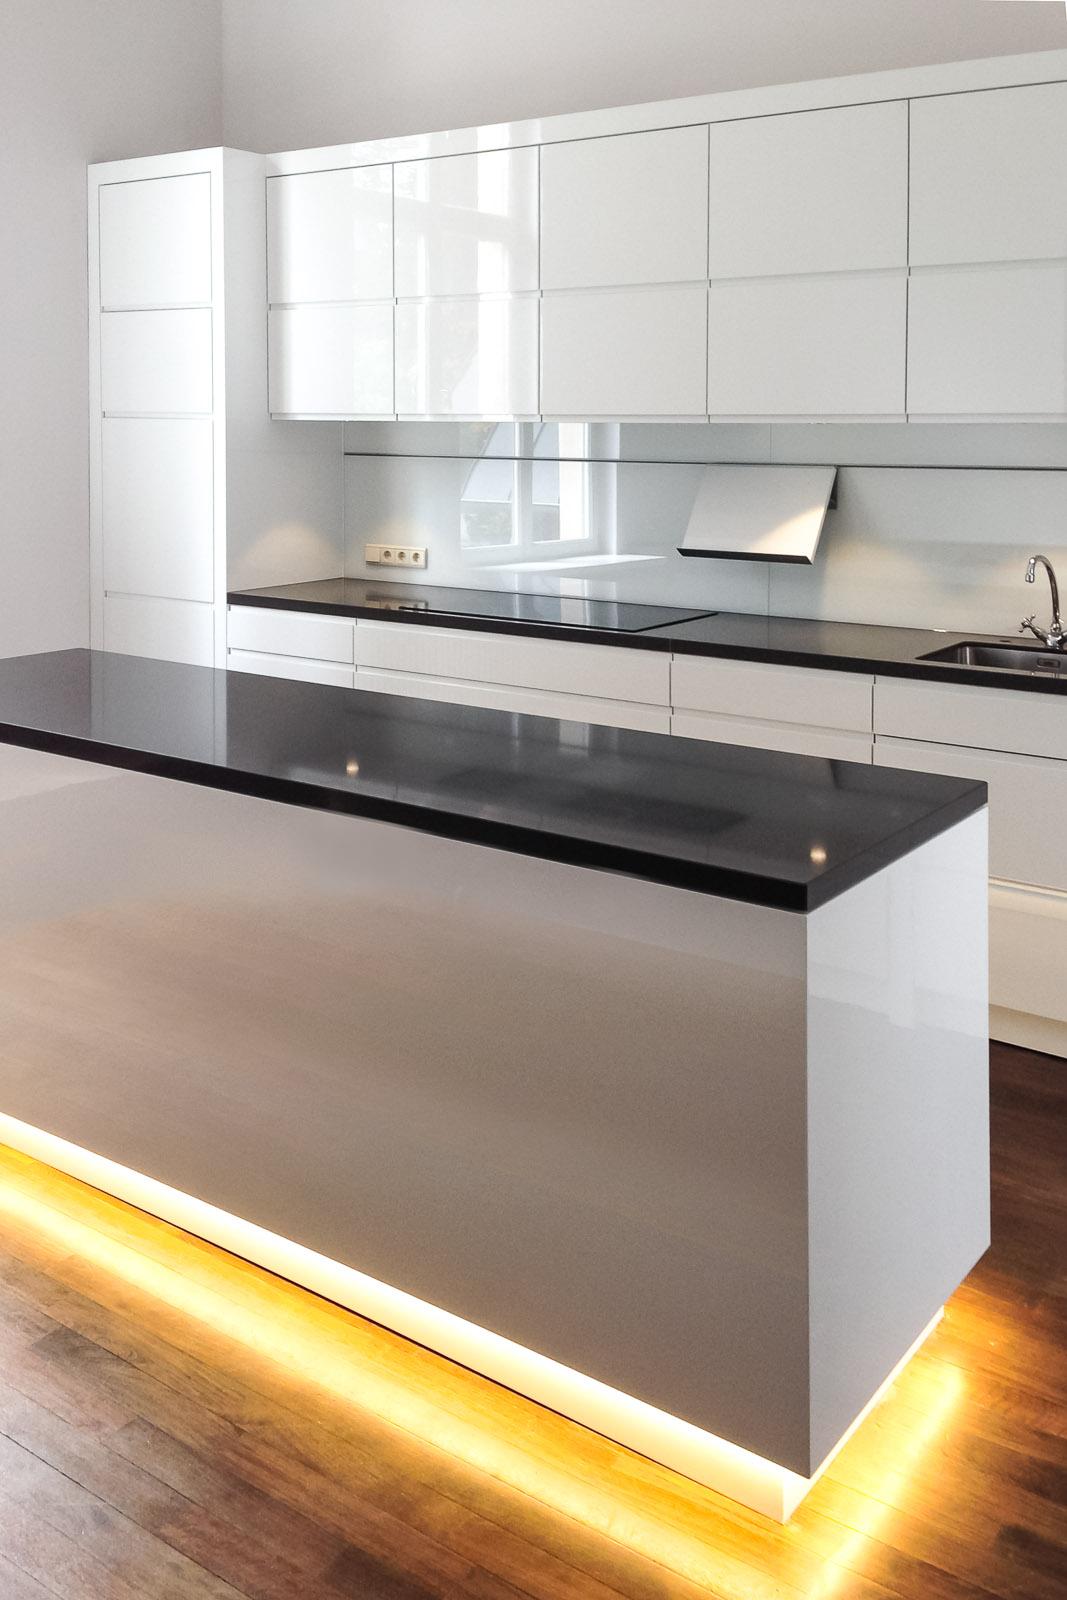 Küchen - Tischlerei für exklusiven Möbelbau und individuelle ...